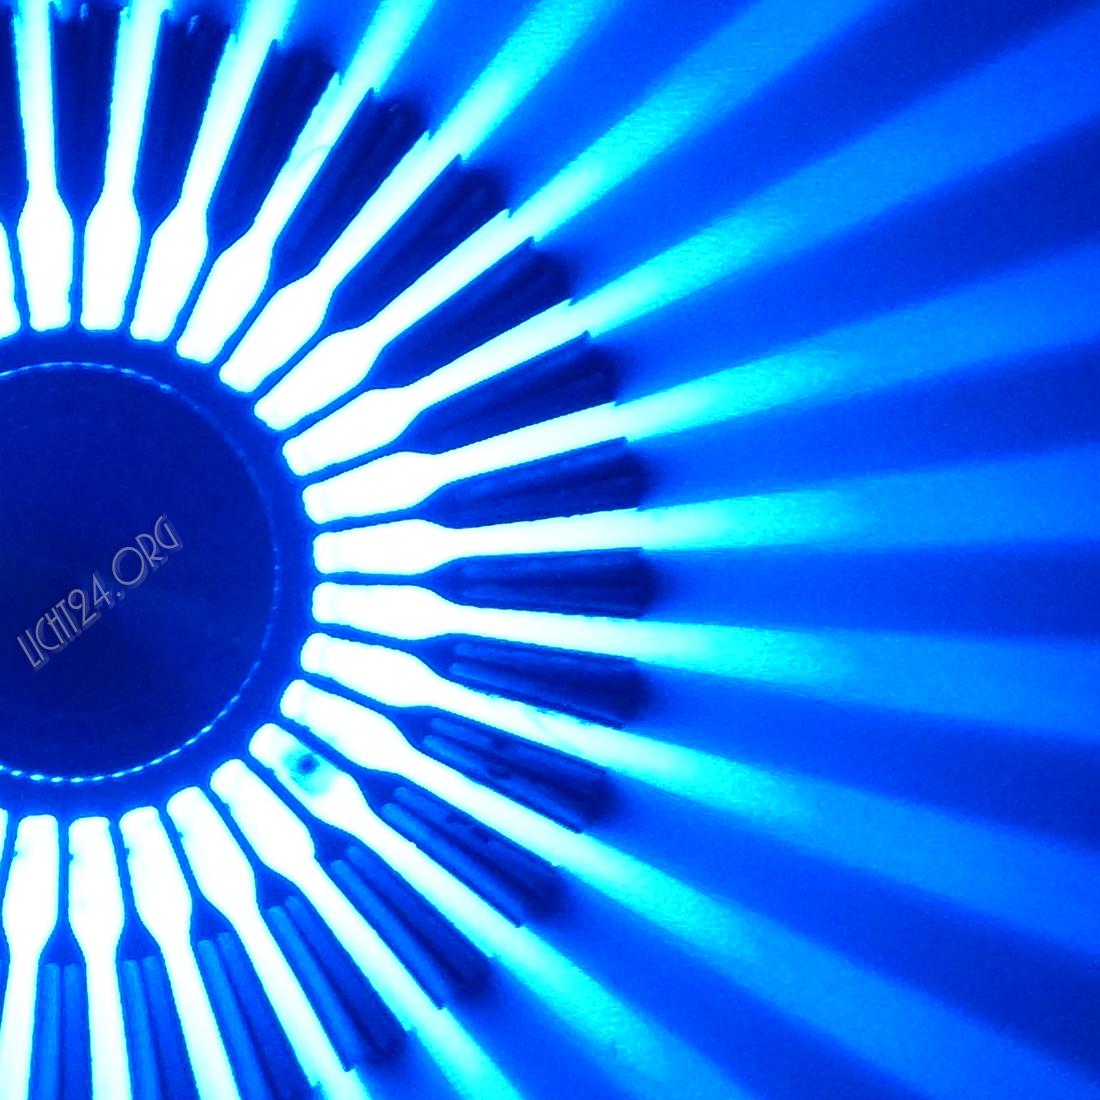 Led wandstrahler stripes verschiedene for Raumgestaltung blau